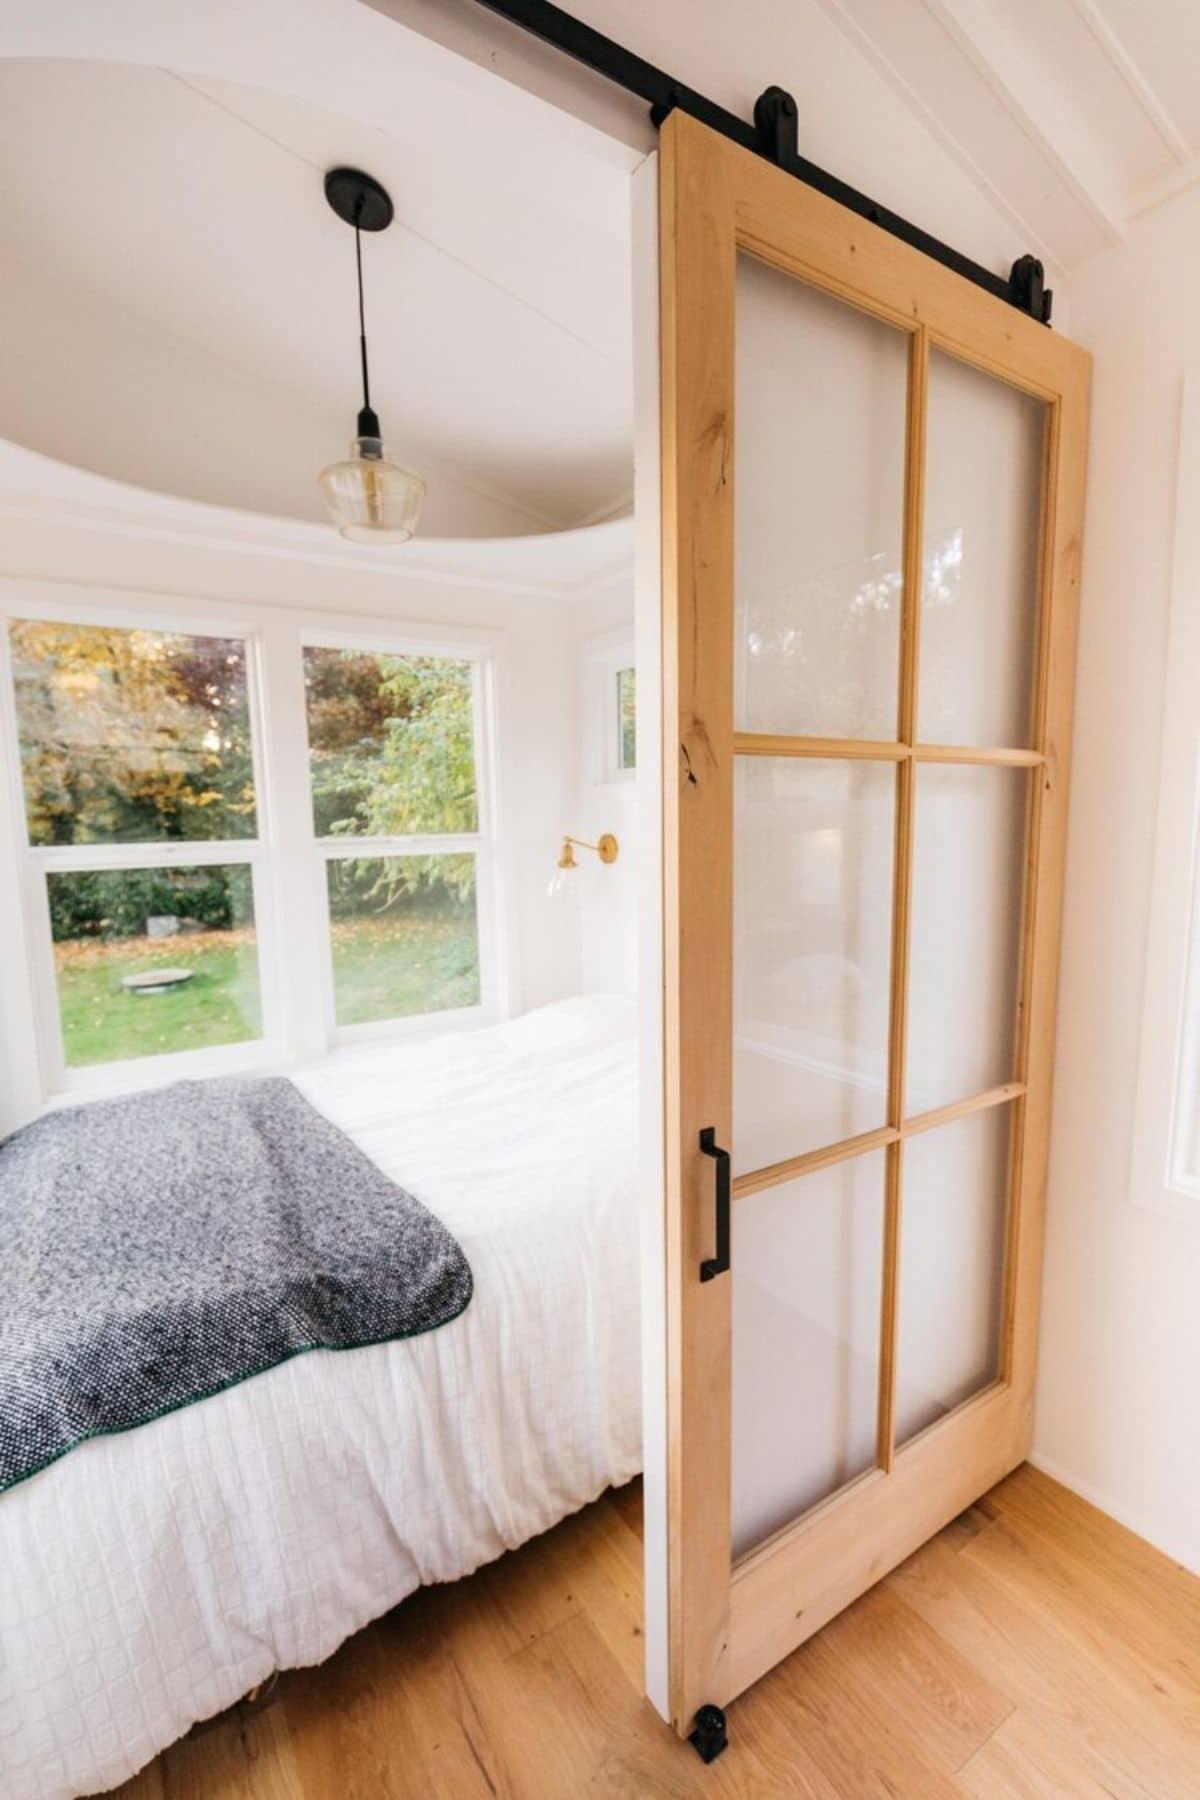 Bed behind glass pane barn door